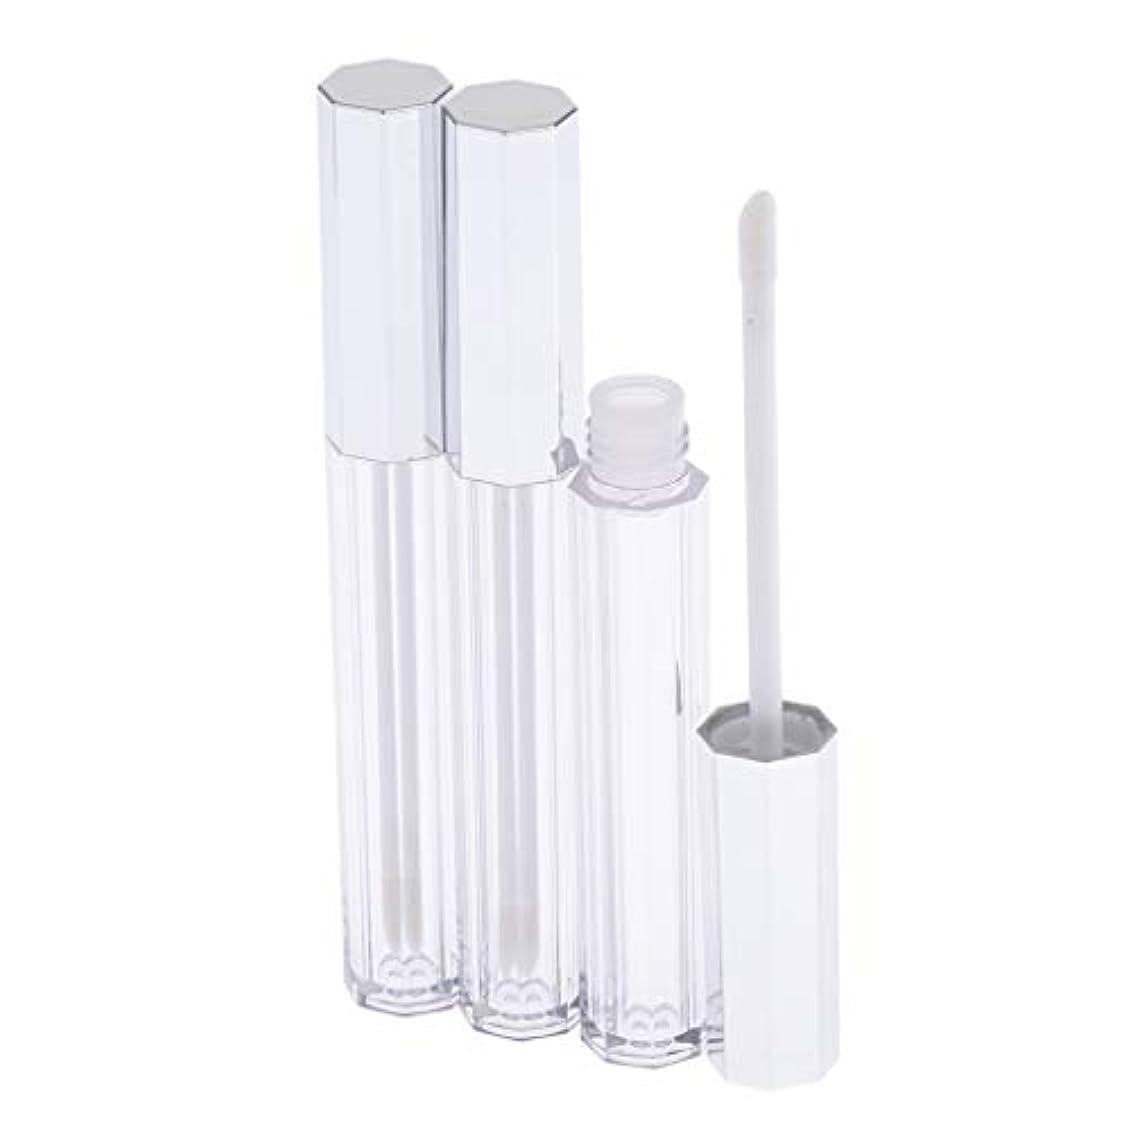 物足りないワックス安らぎリップグロス 容器 チューブ クリア リップスティックチューブ プラスチック 5ml 3個セット